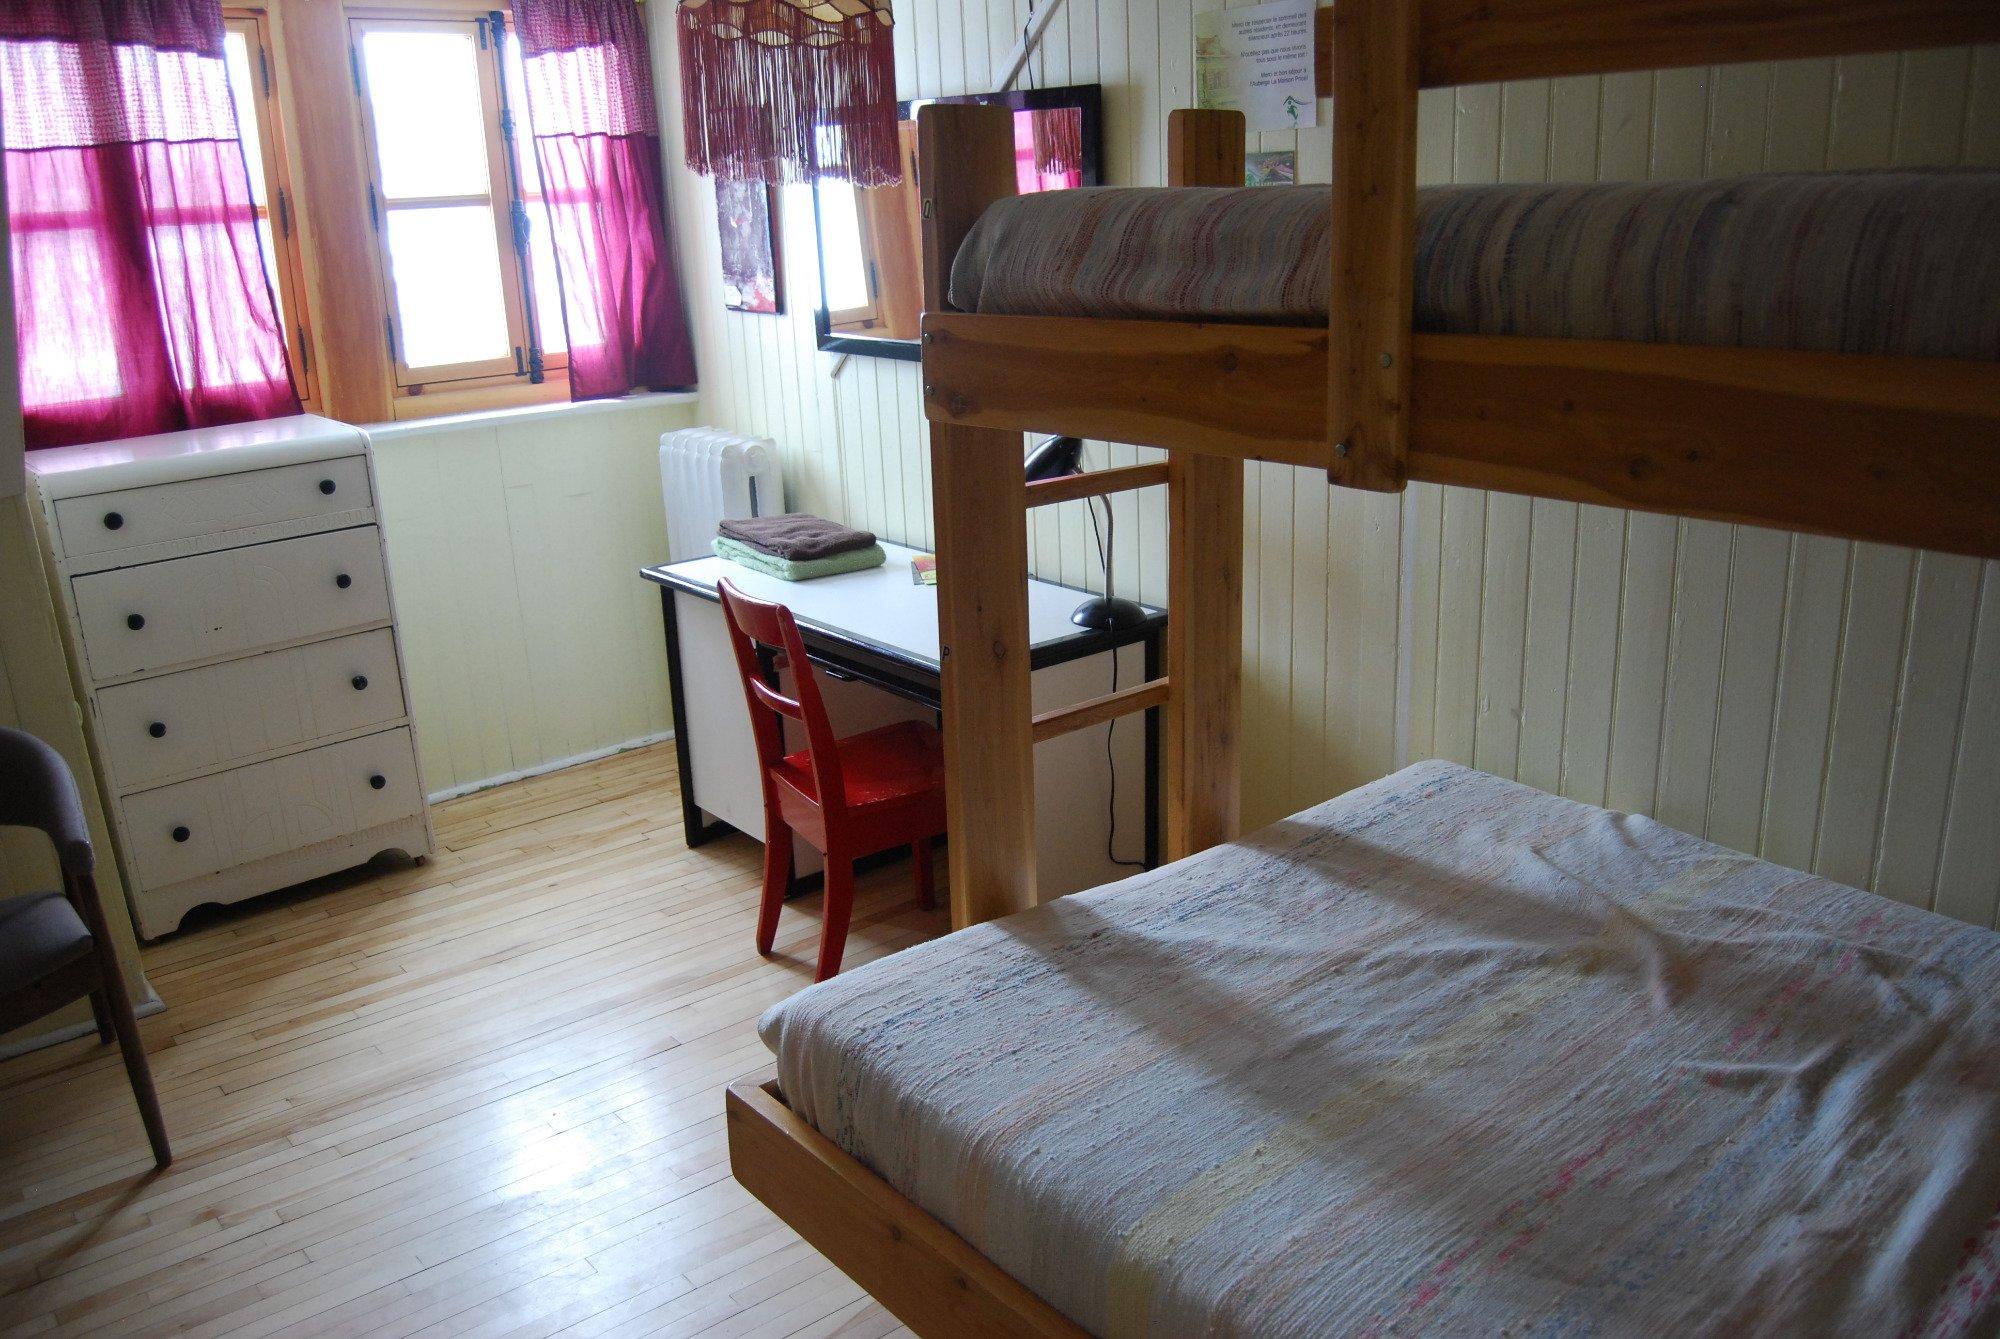 Auberge jeunesse de saguenay la maison price updated for Auberge de jeunesse la maison price